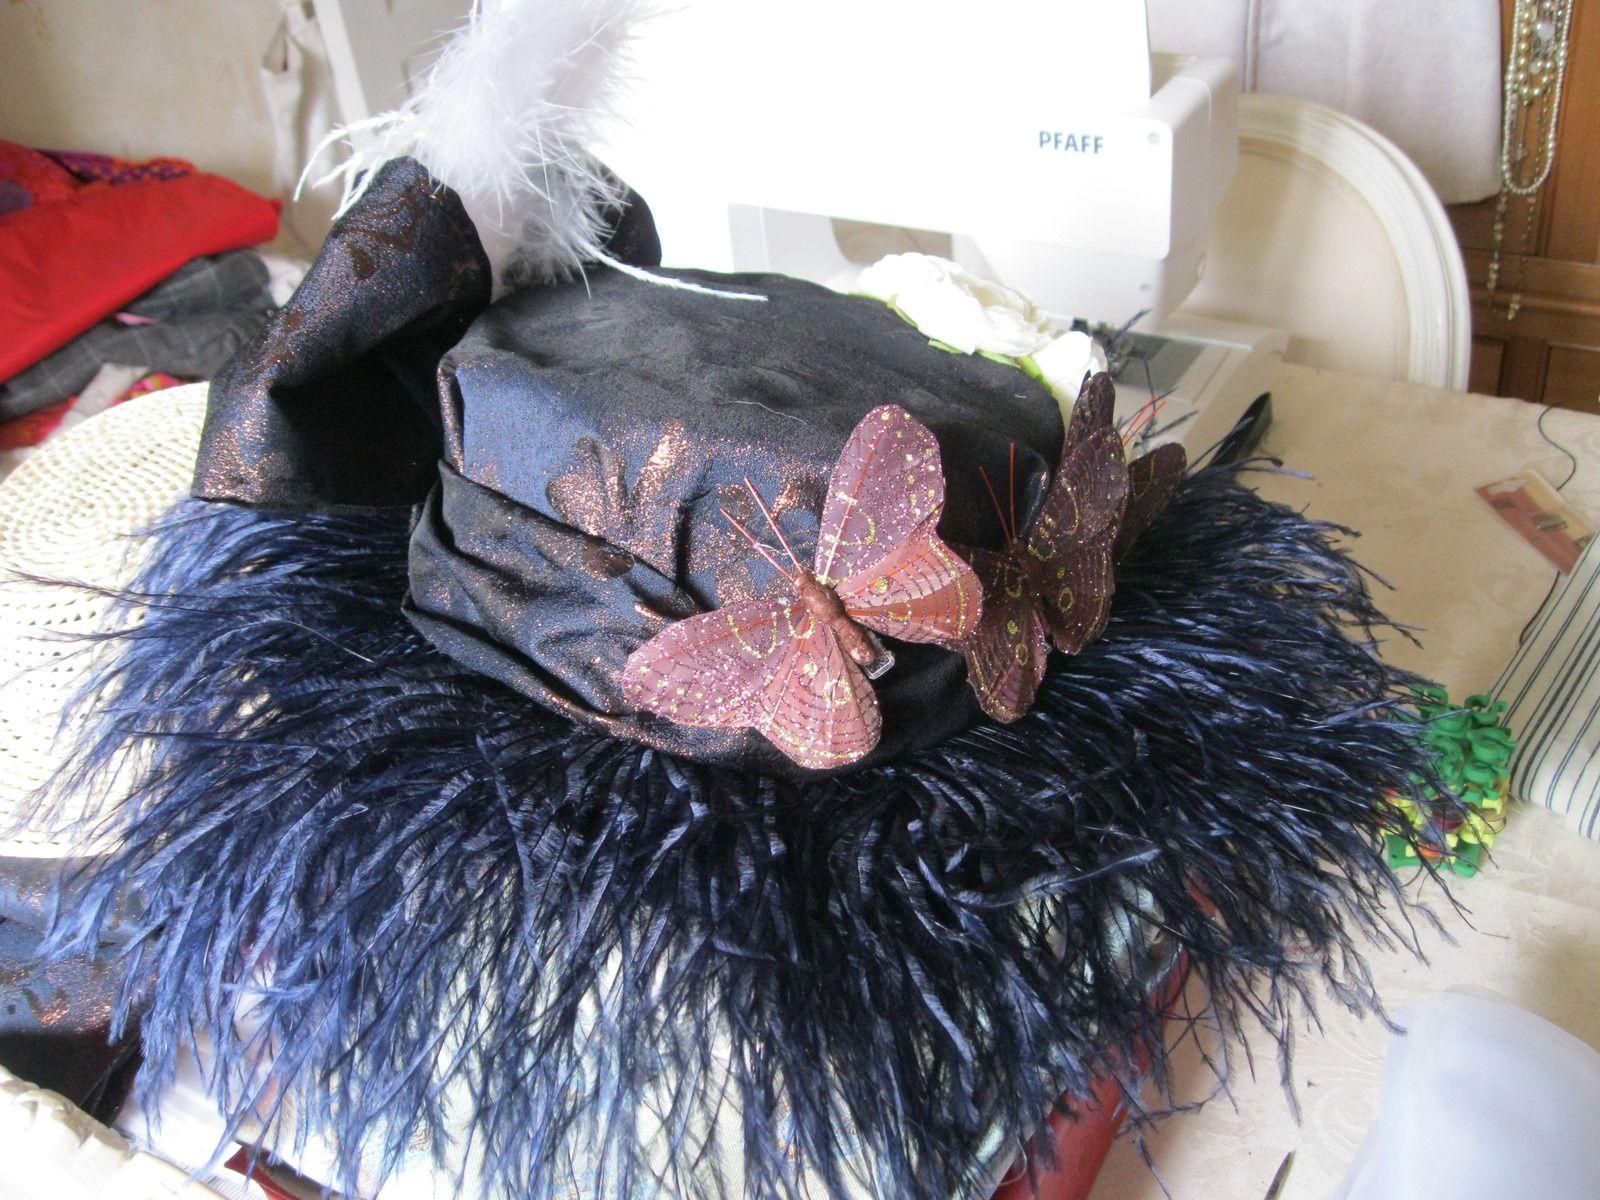 Robe Belle Epoque Taille 40 - 200 euros. Chapeau disponible pour 70 euros